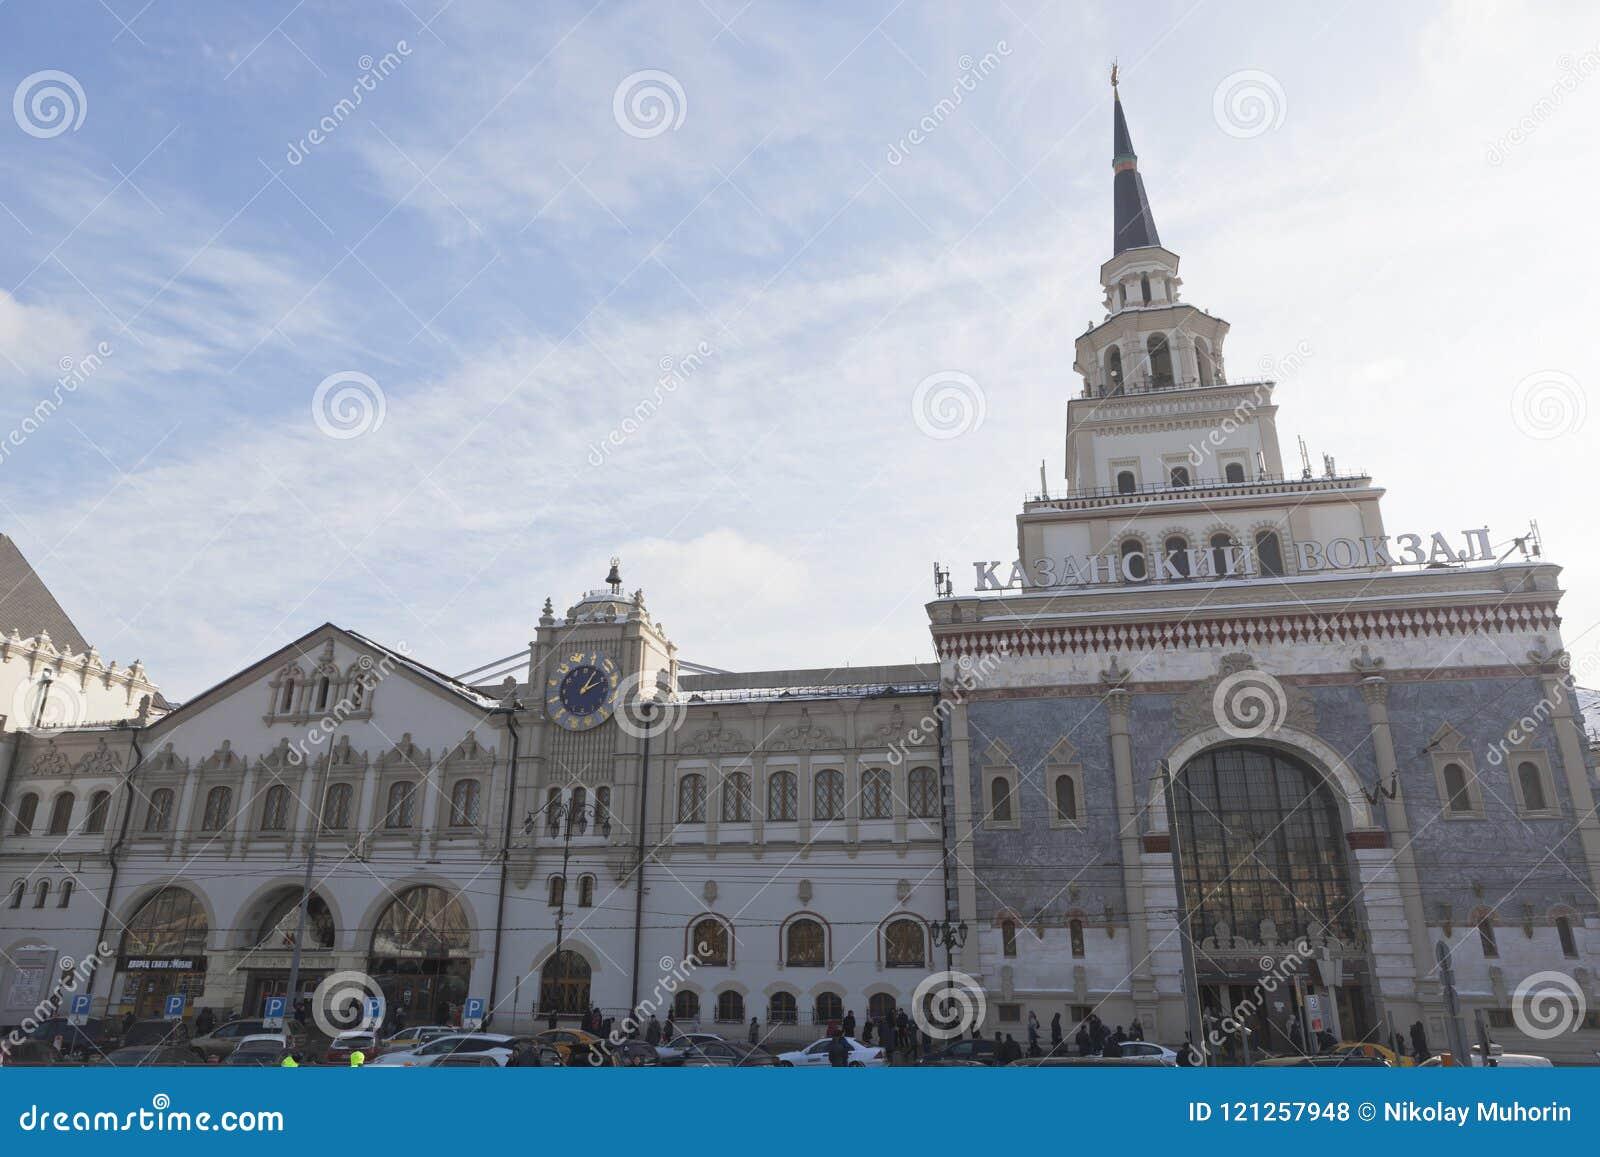 Kazan Station. Metro station Komsomolskaya 7